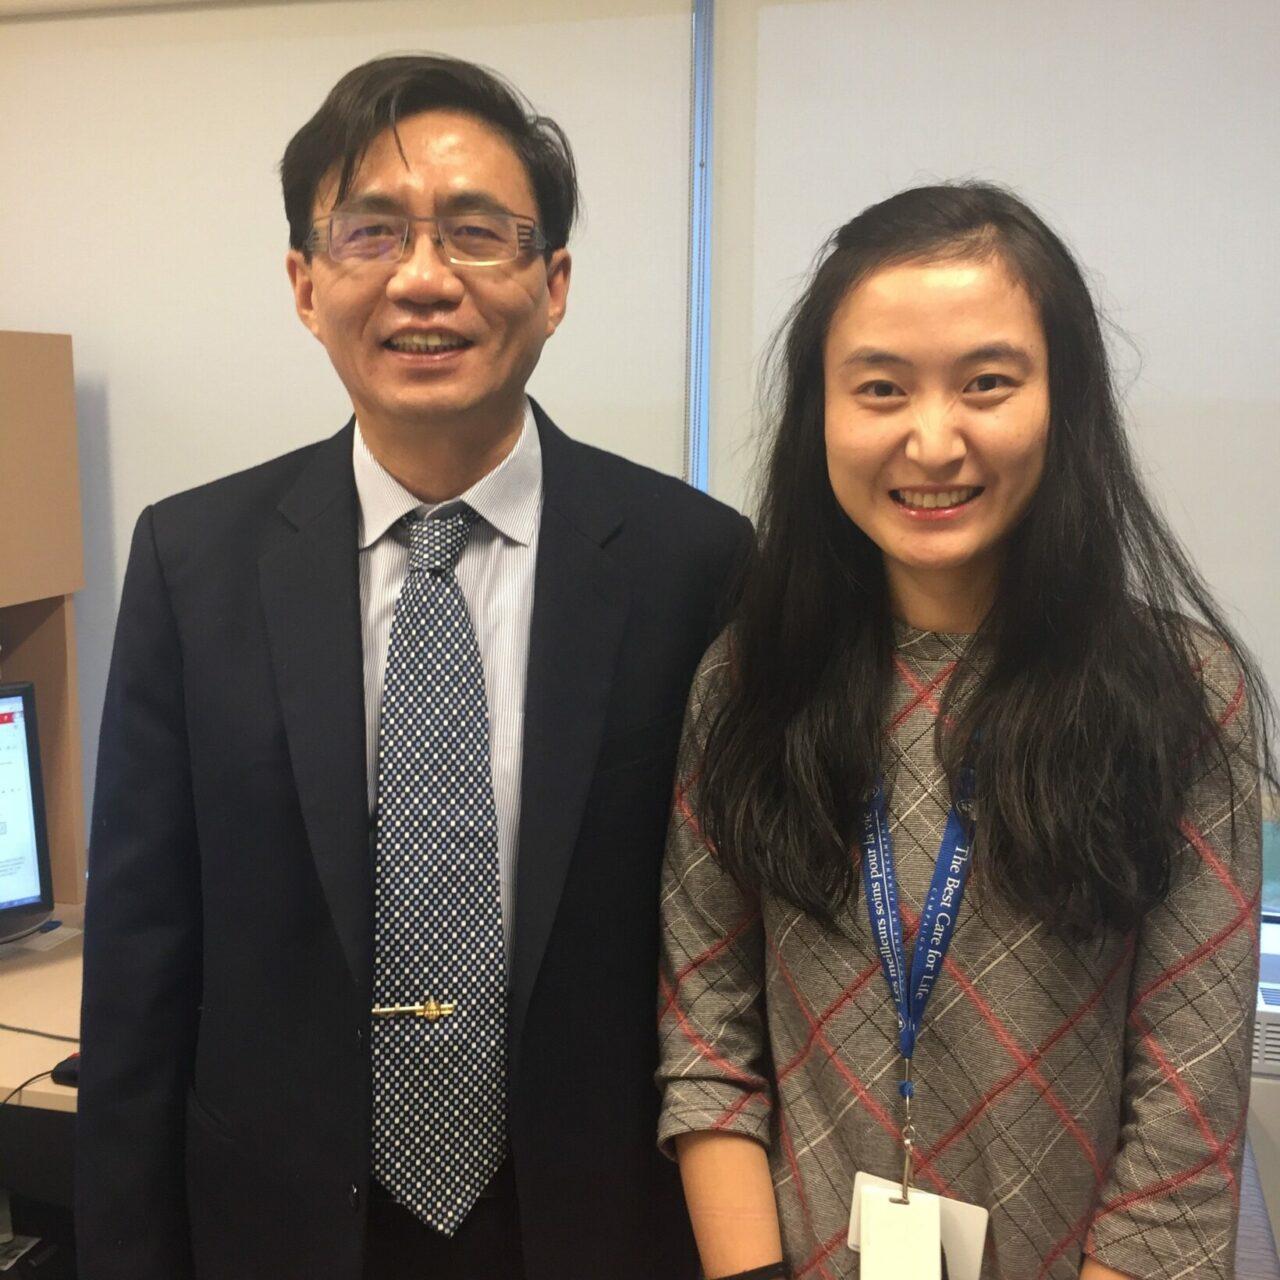 Dr. Zu-hua Gao (left) and graduate student Qing Li)